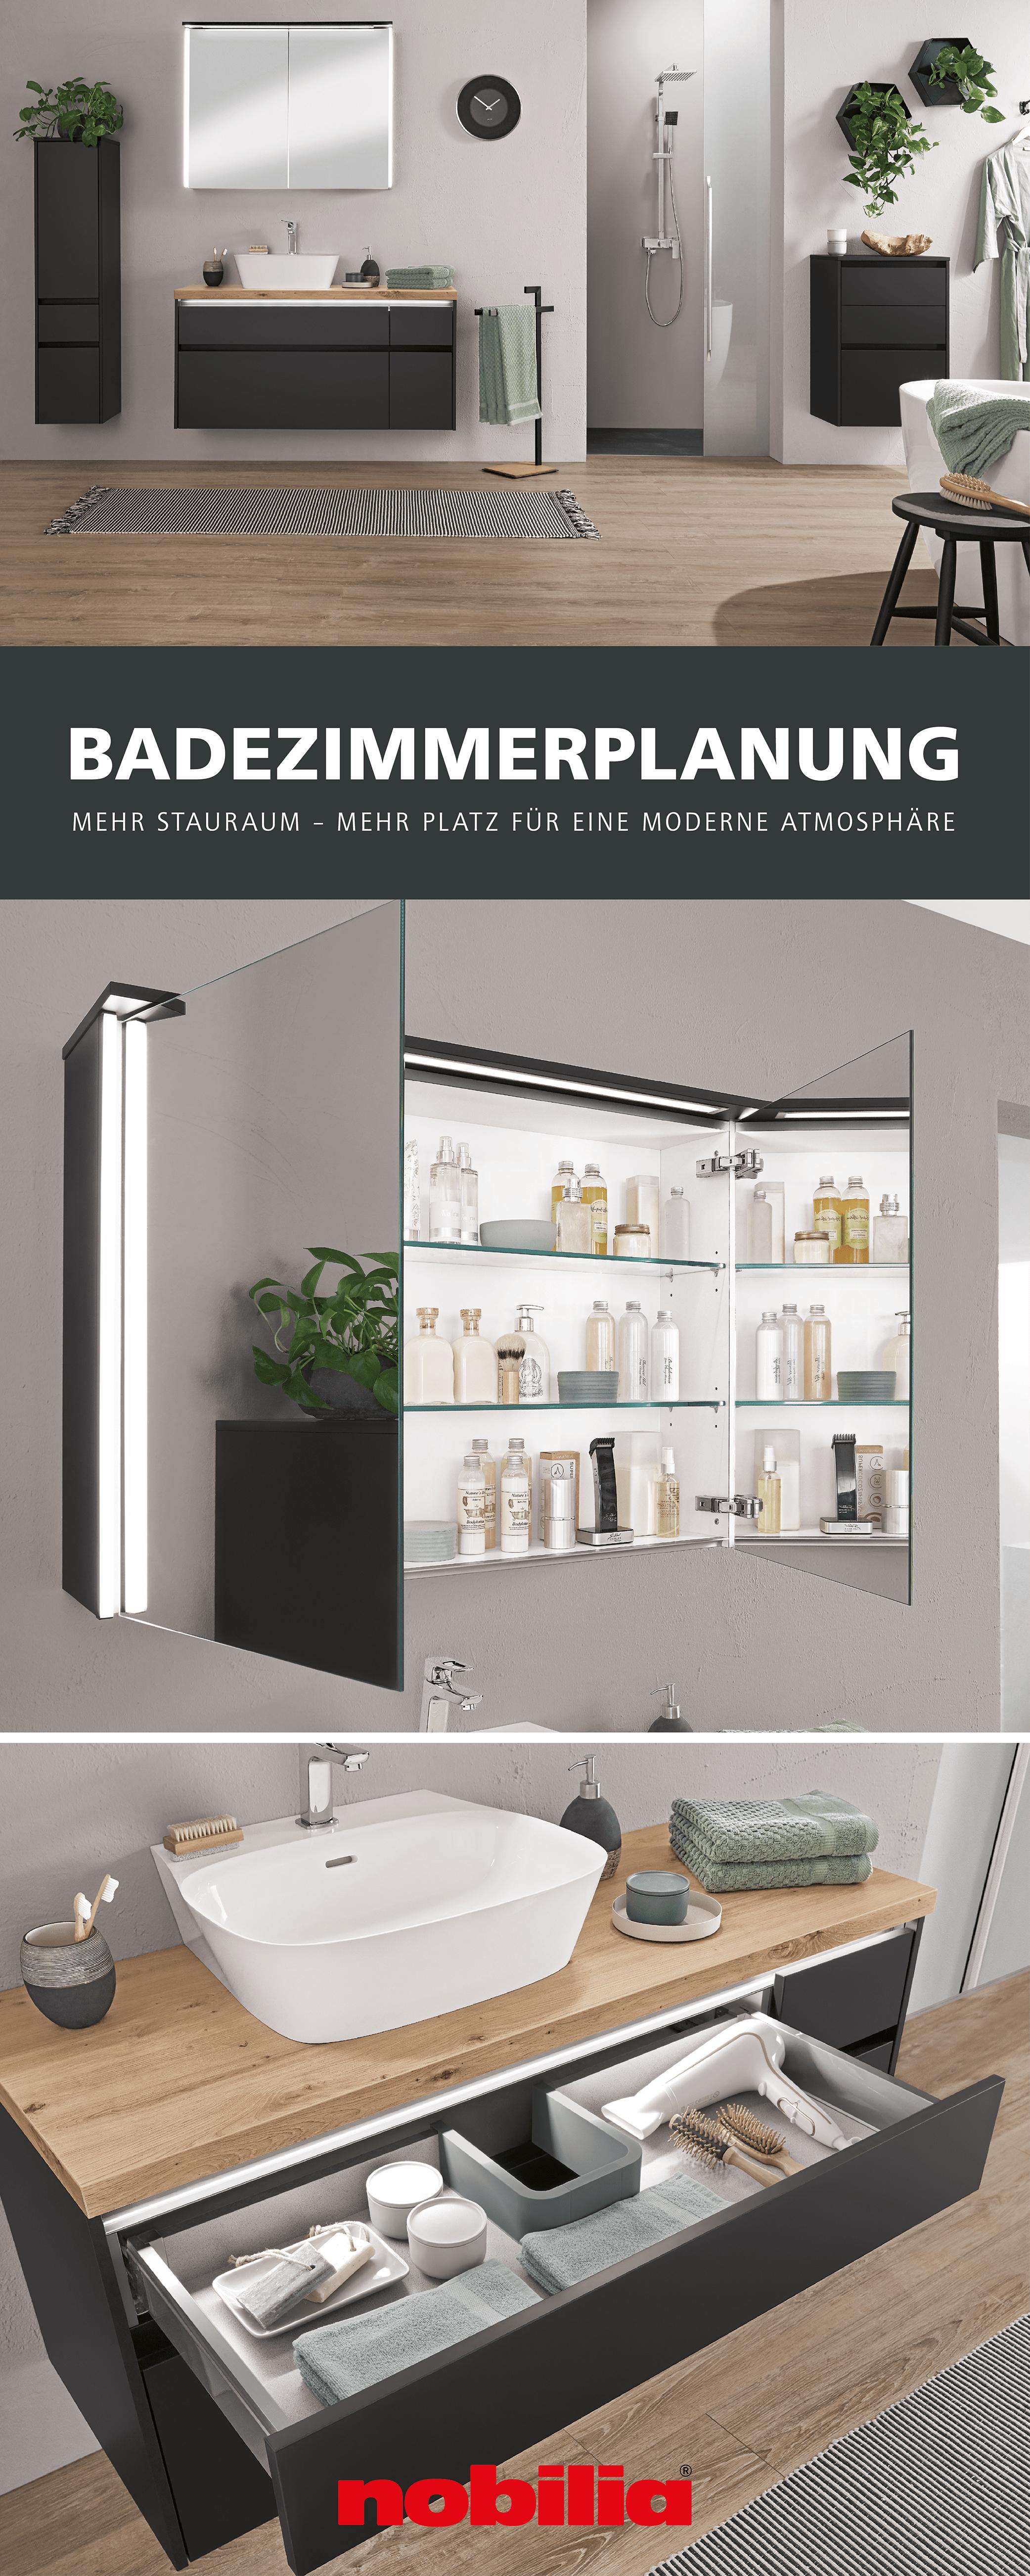 Moderne Raumausstattung Findet Ihren Weg Ins Bad In Der Hier